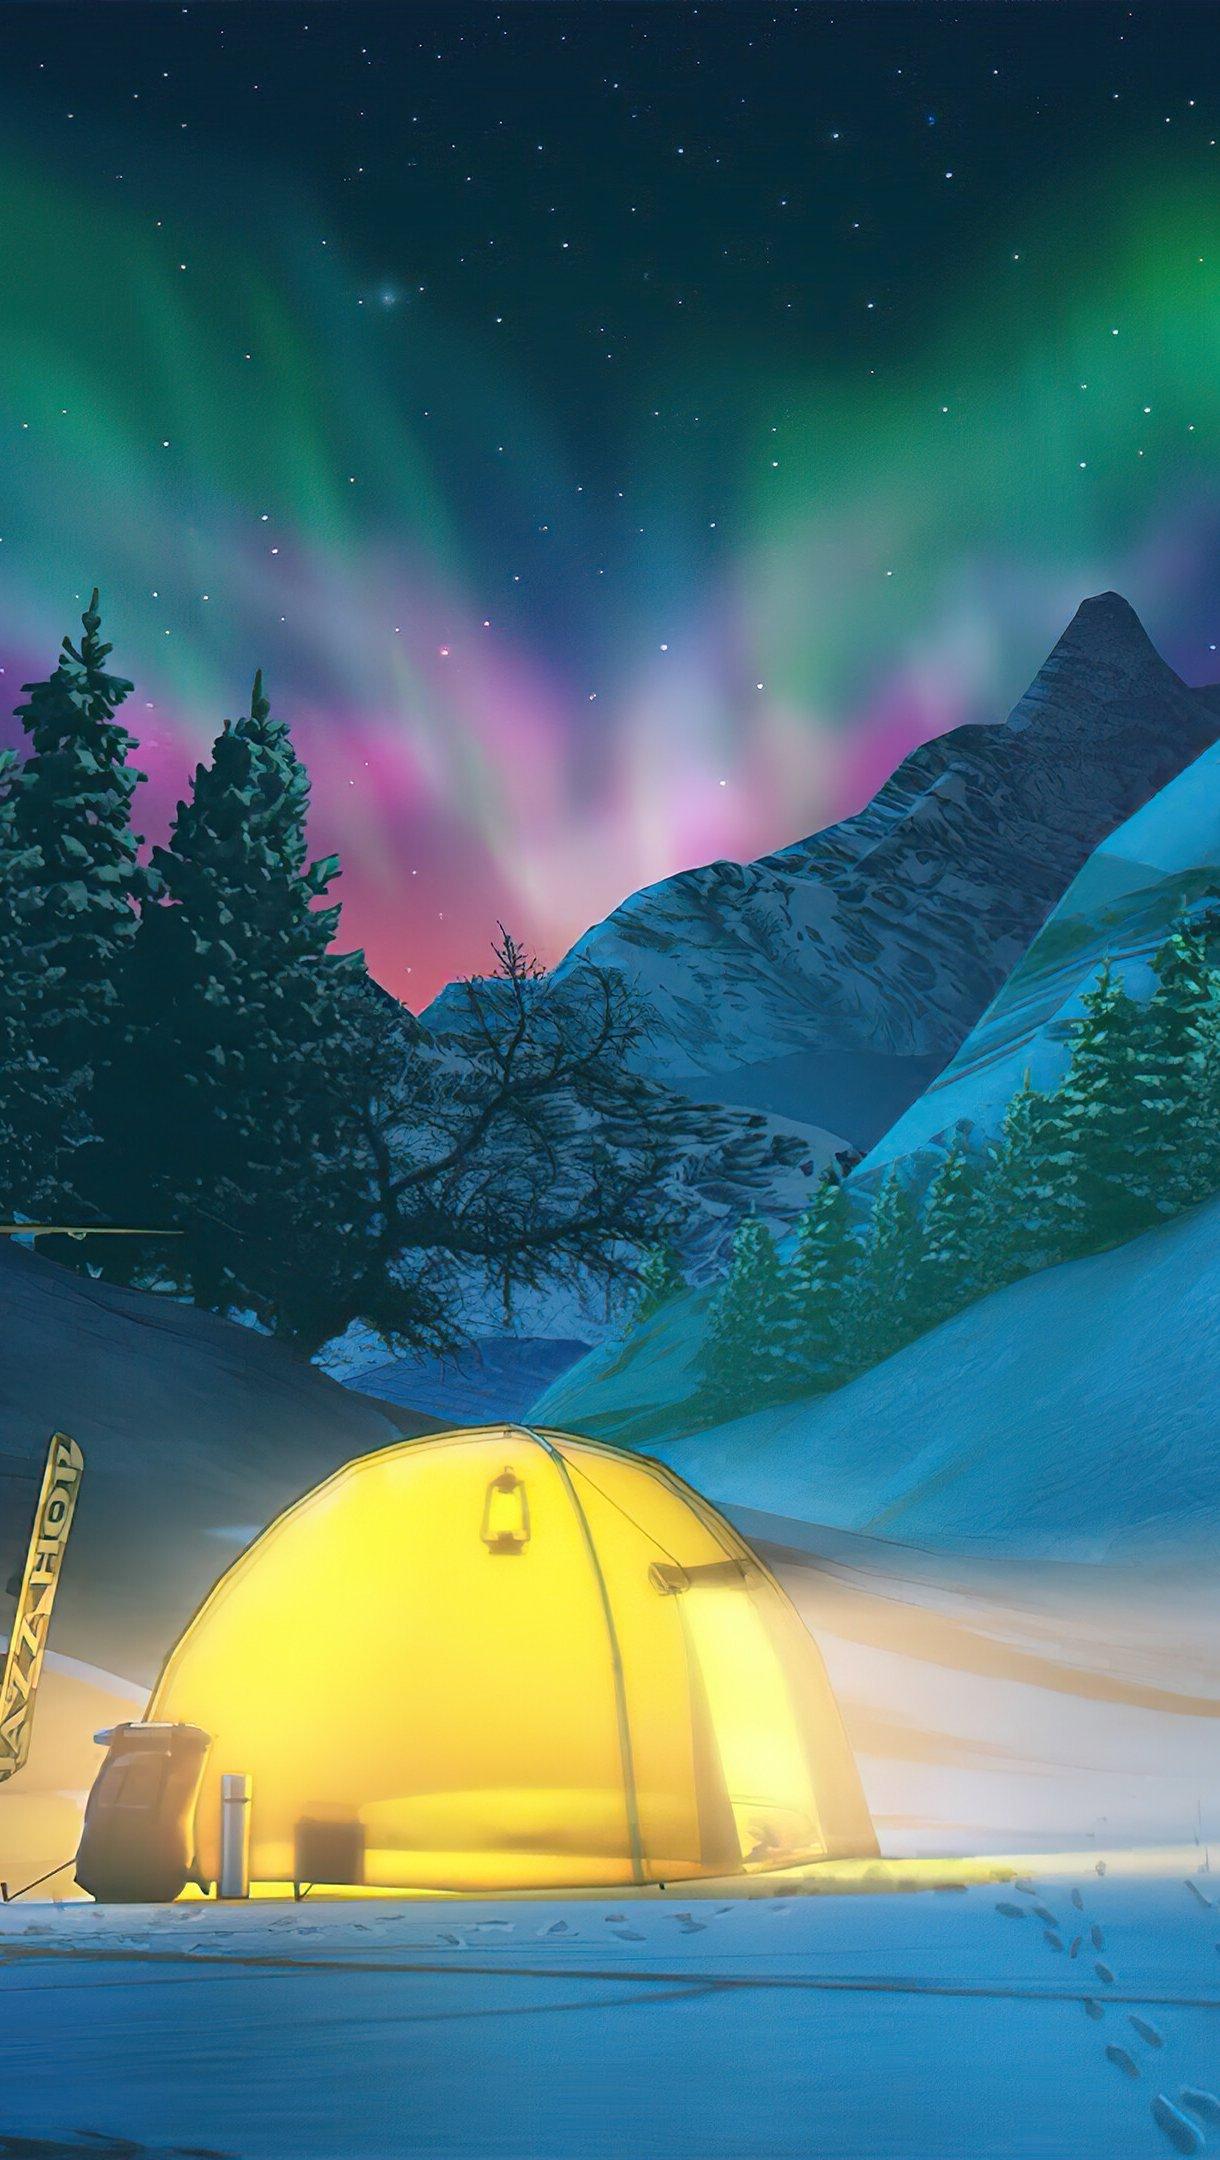 Fondos de pantalla Acampando durante el invierno con auroras polares de fondo Vertical